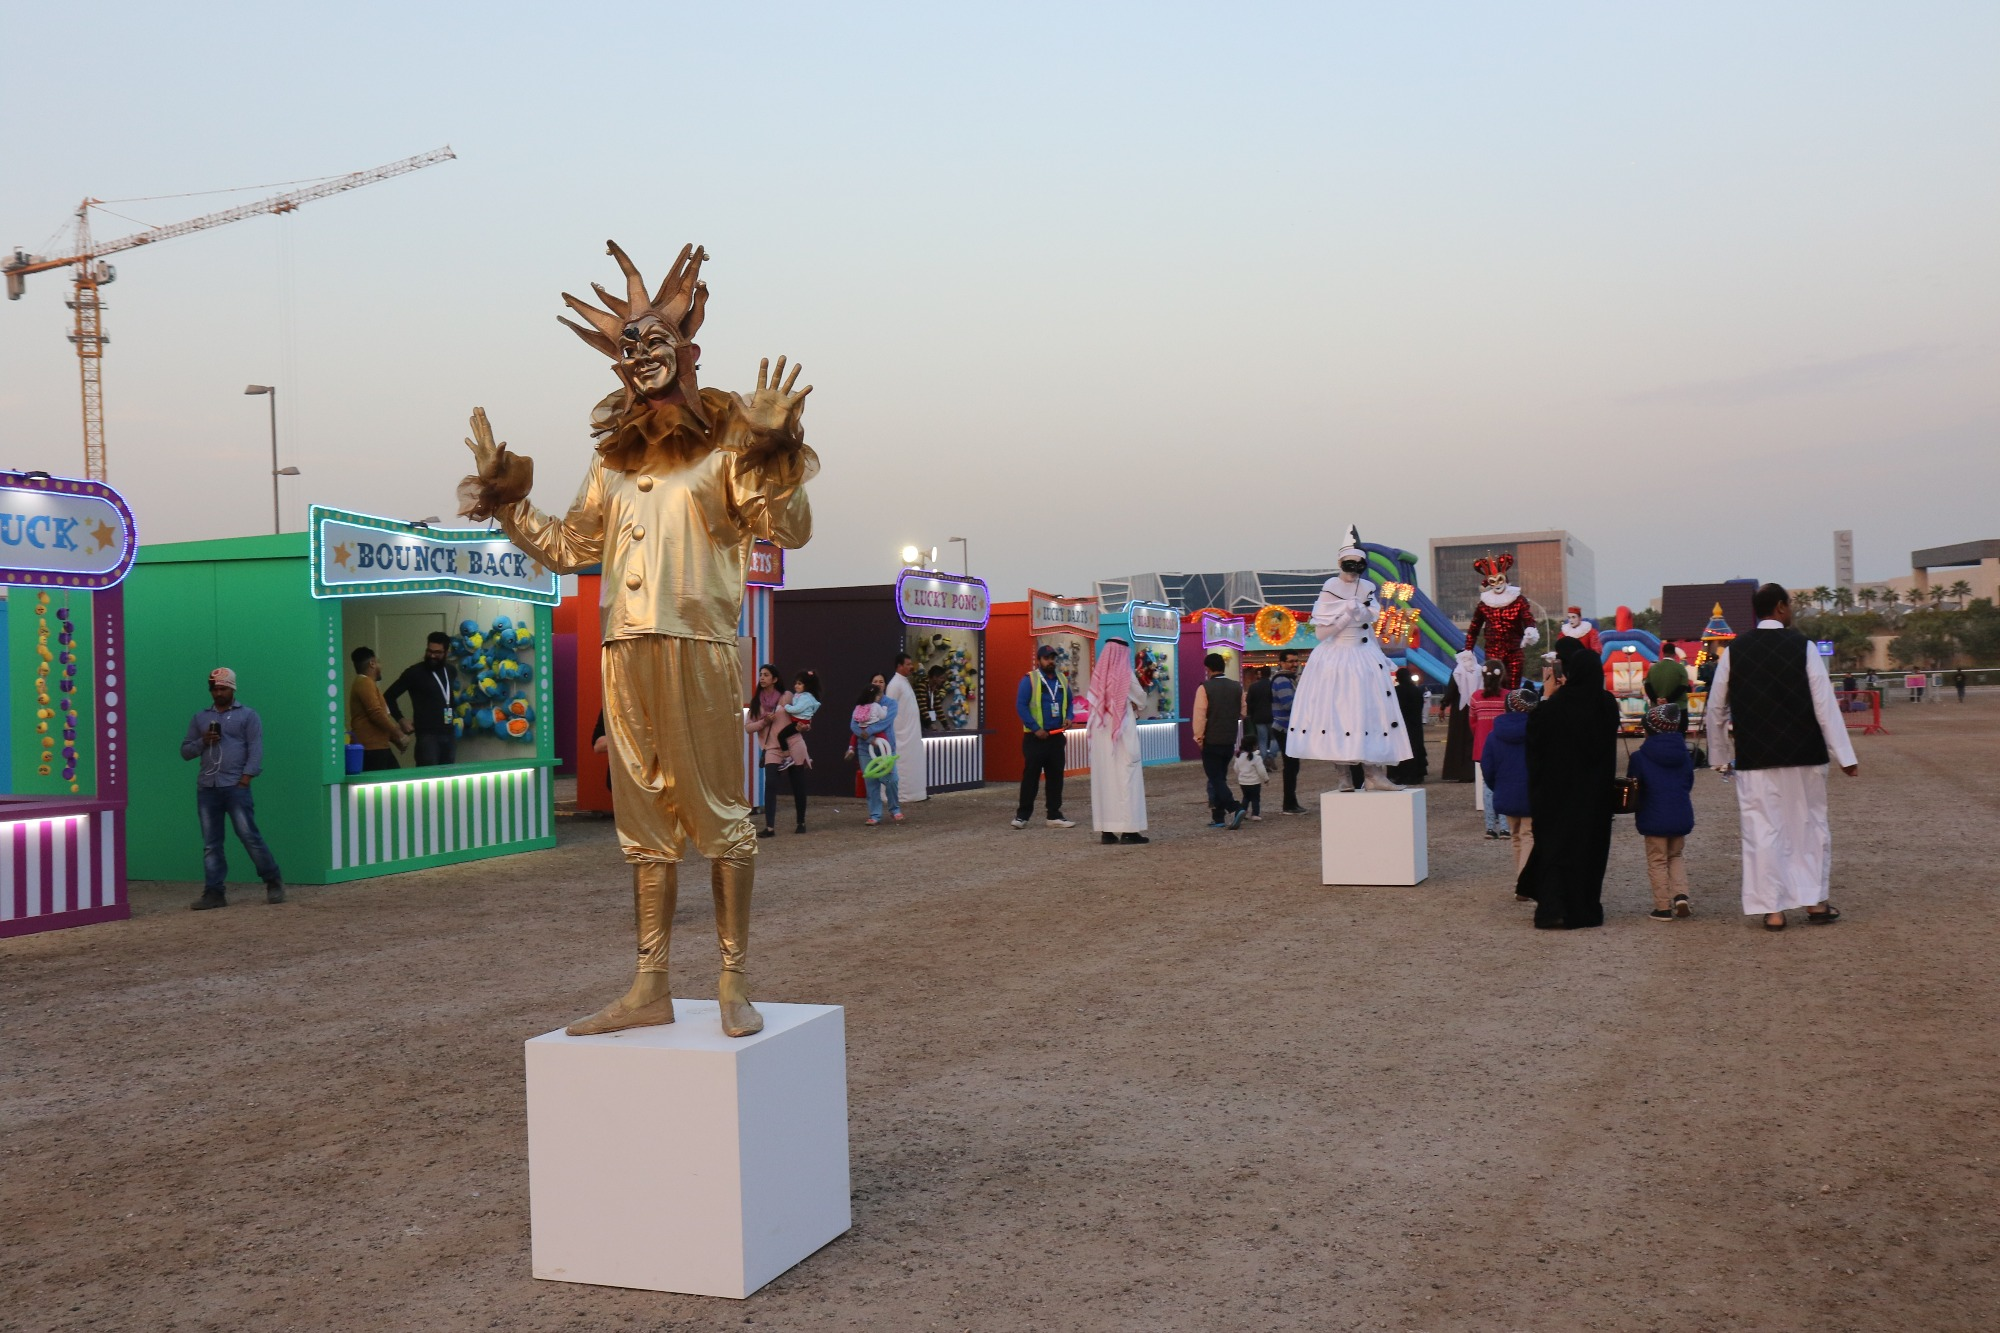 اهم الاماكن السياحية فى المنامه عاصمة البحرين السياحة فى المنامه عاصمة البحرين (3)